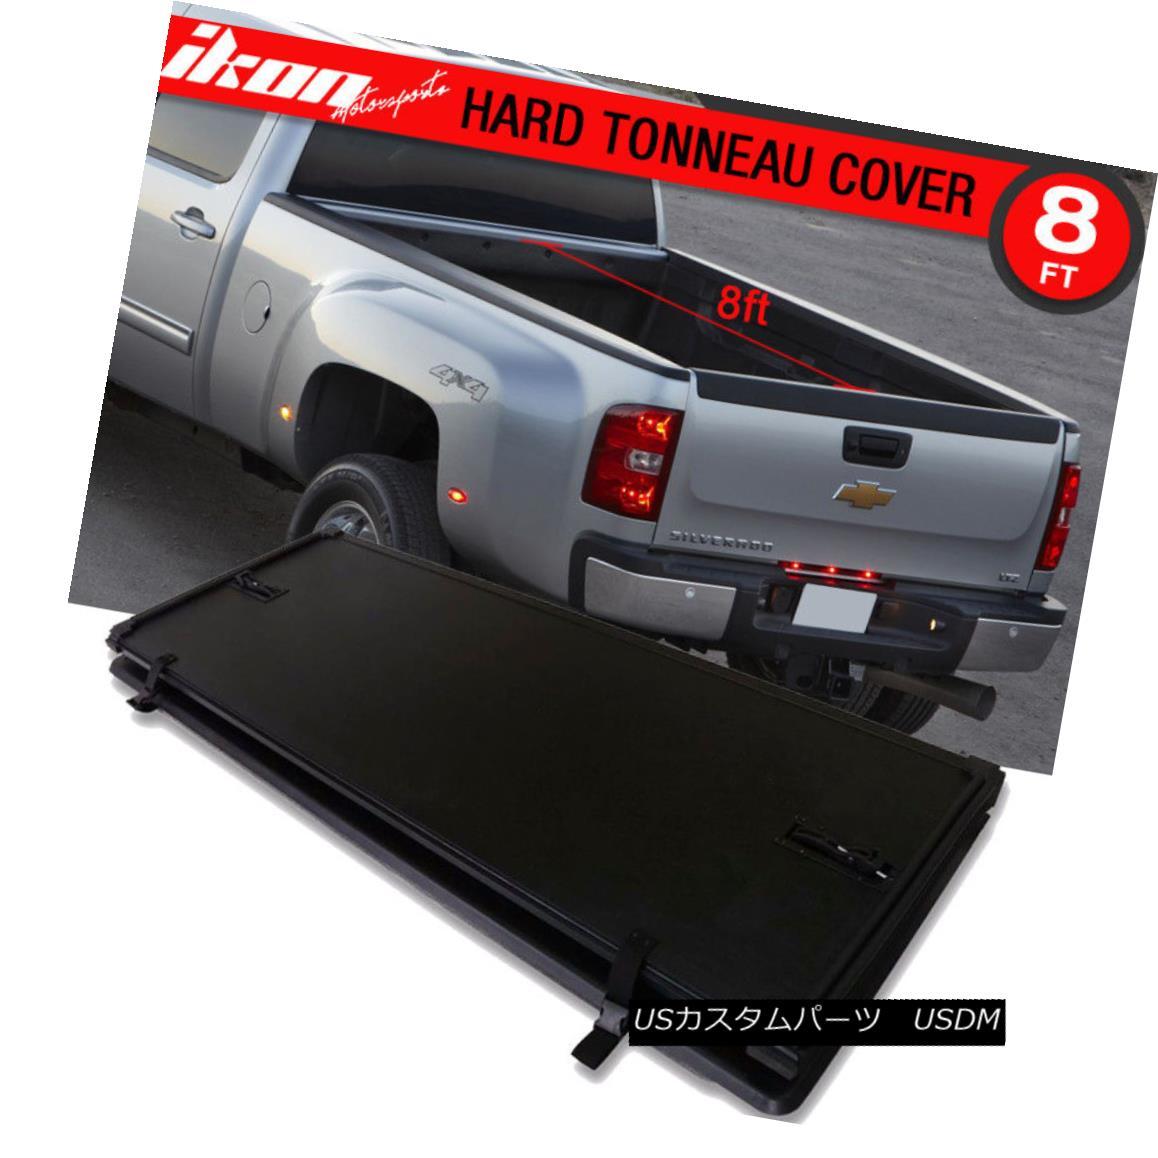 エアロパーツ For 07-13 Chevy Silverado GMC Sierra Tri-Fold Hard Solid Tonneau Cover 8ft 07-13シボレーシルバラードGMCシエラトライフォールドハードソリッドトノーカバー8フィート